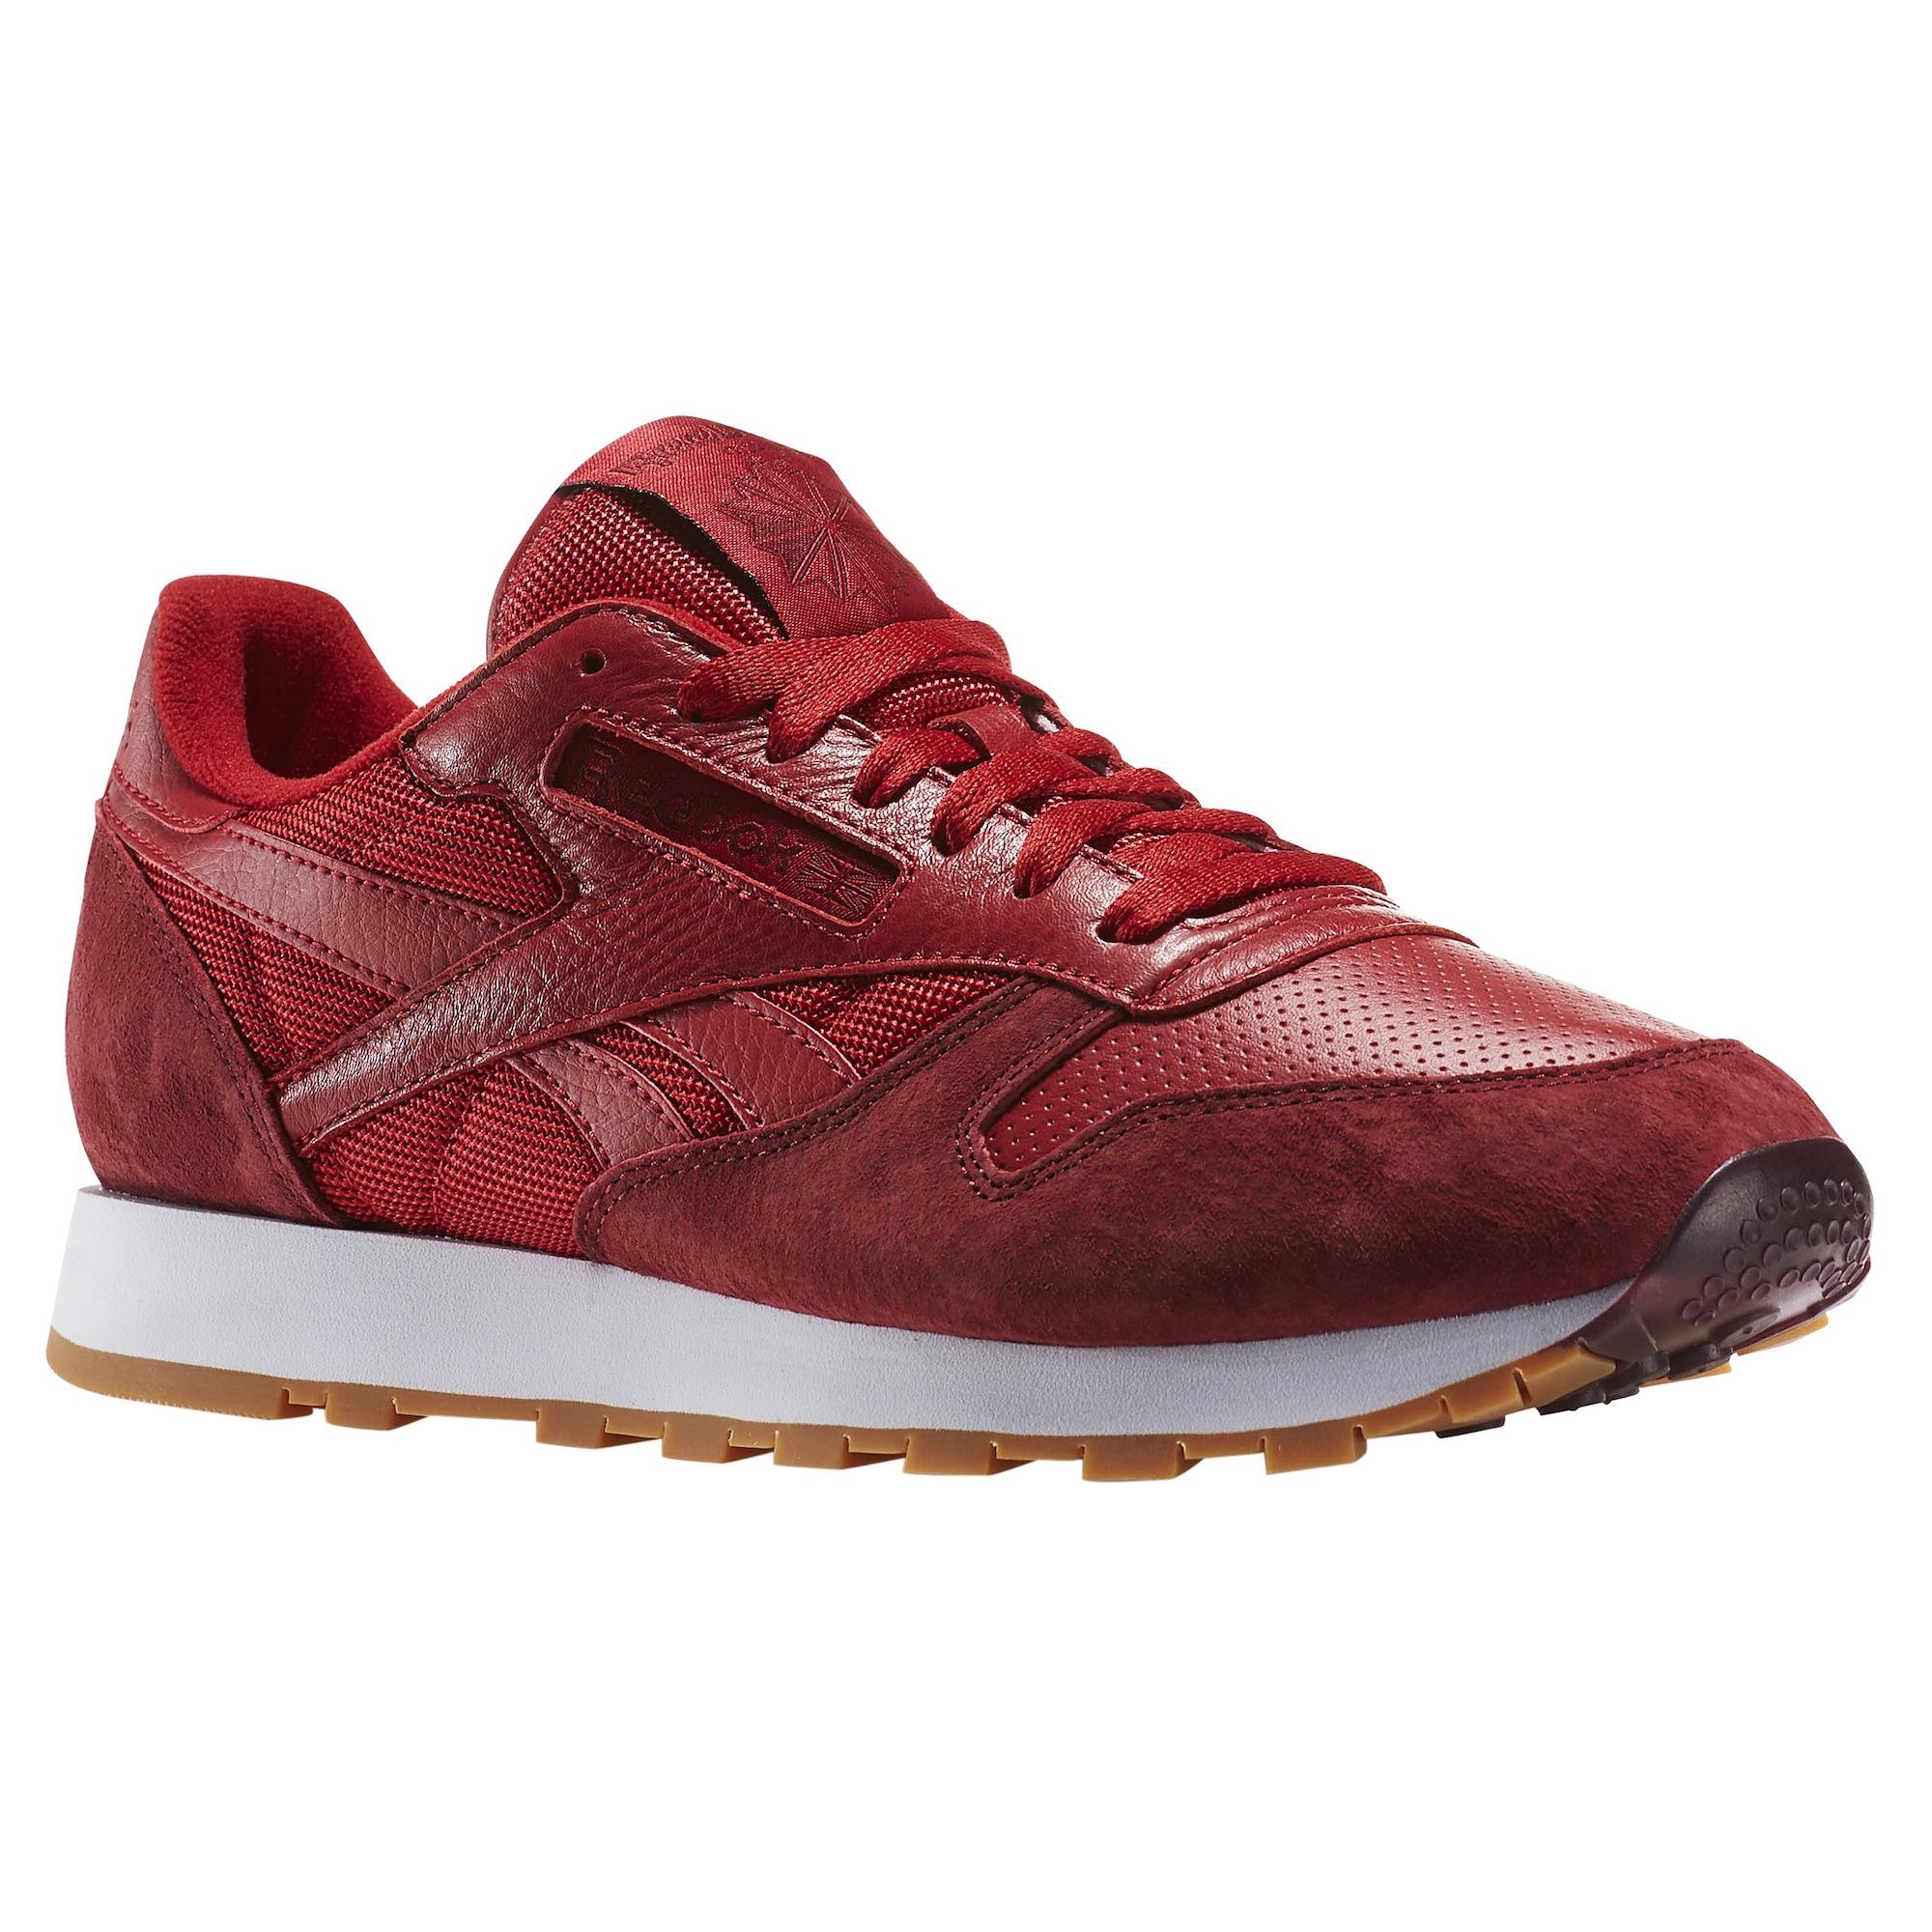 kendrick lamar x reebok classic leather perfect split 7